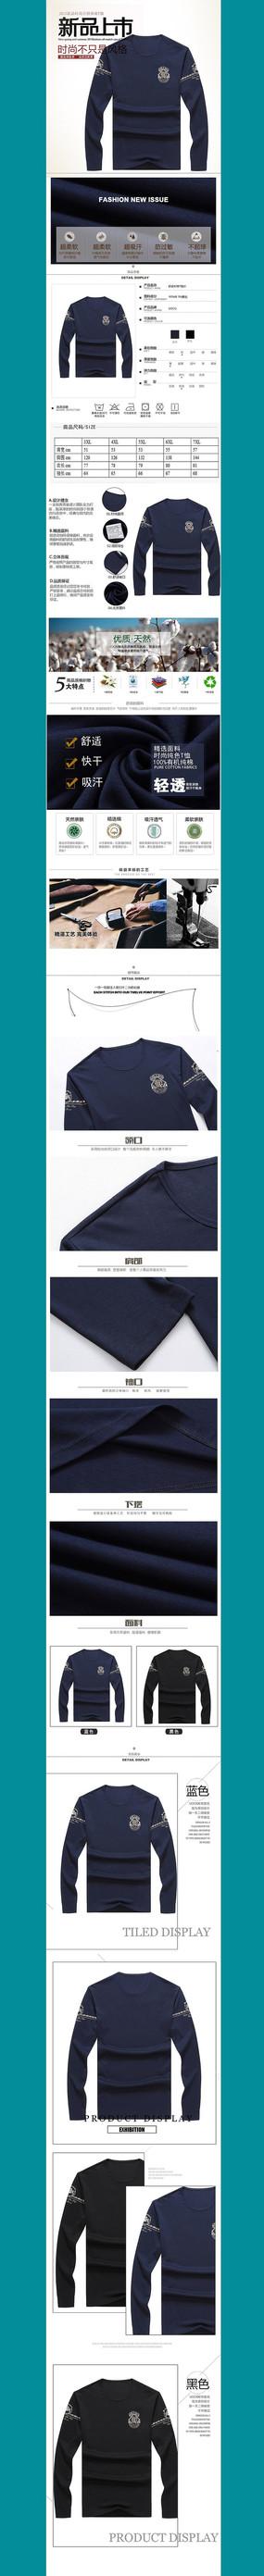 男装服装详情页宝贝描述页产品介绍psd图片下载